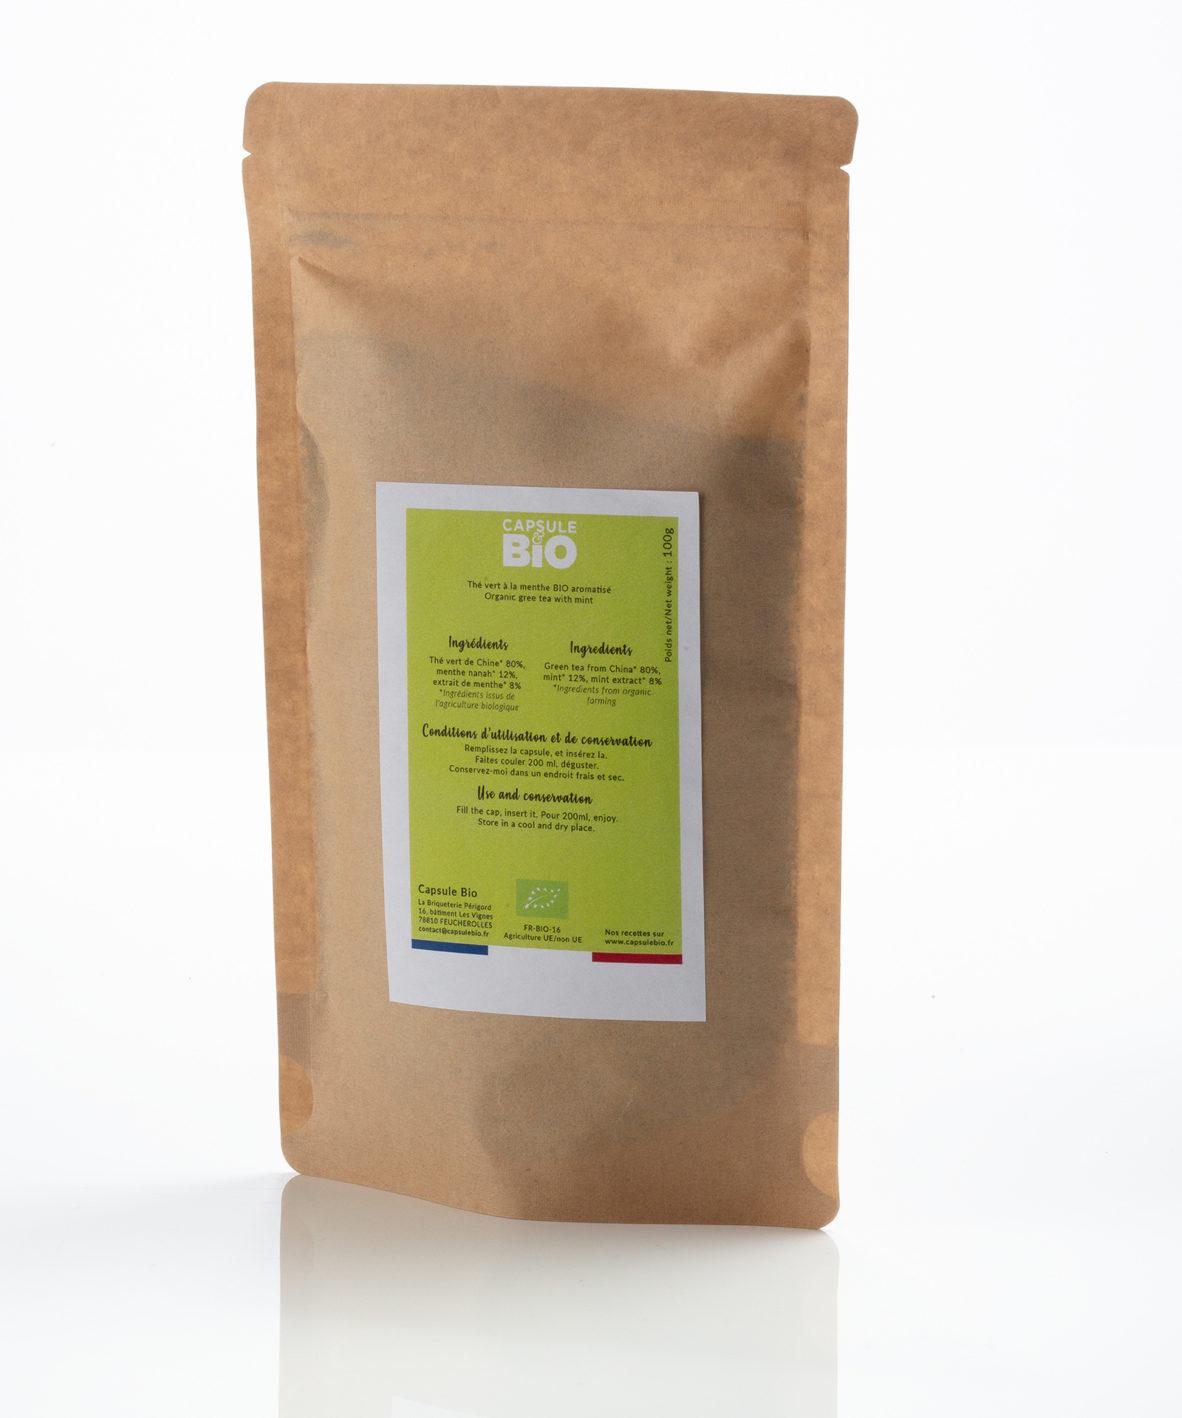 Capsulebio sachet thé en vrac recette thé vert menthe bio